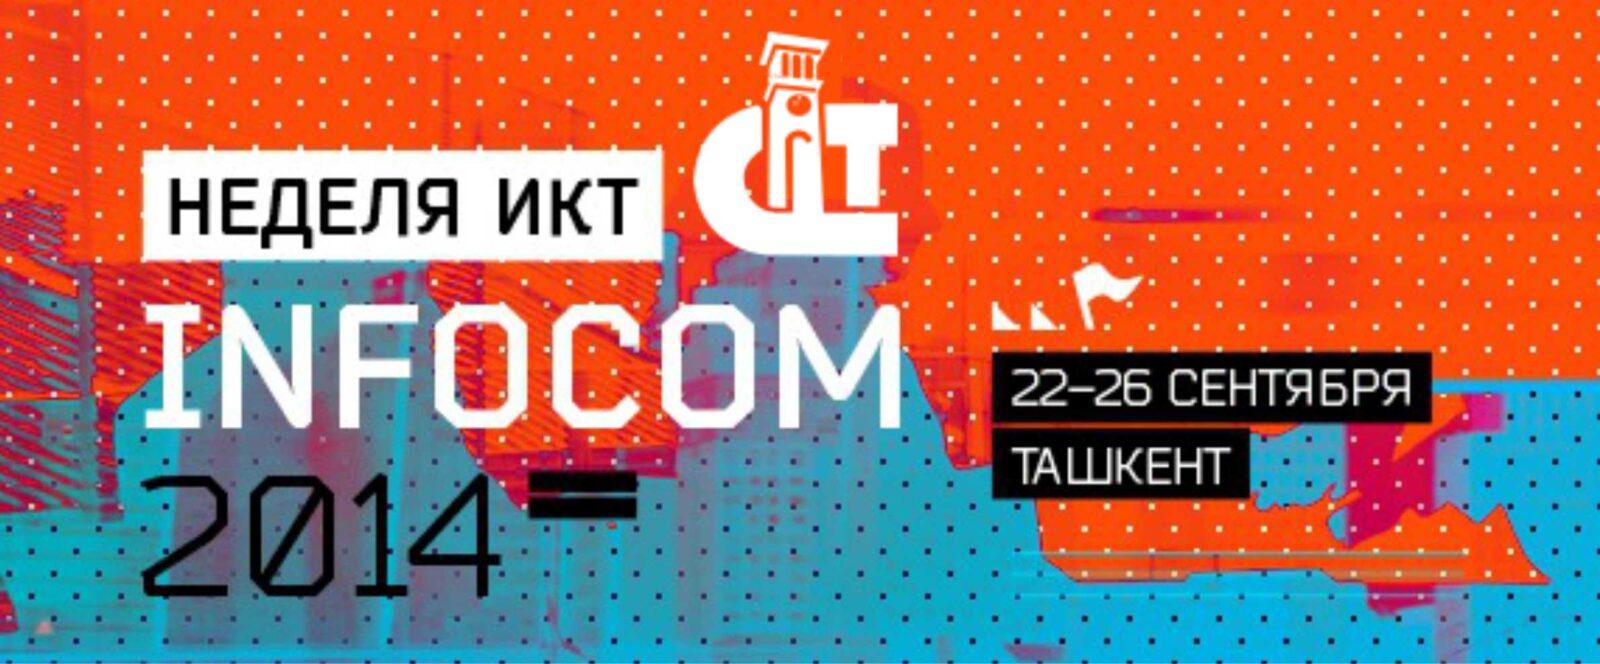 ИКТ Саммит 2014: начат прием докладов